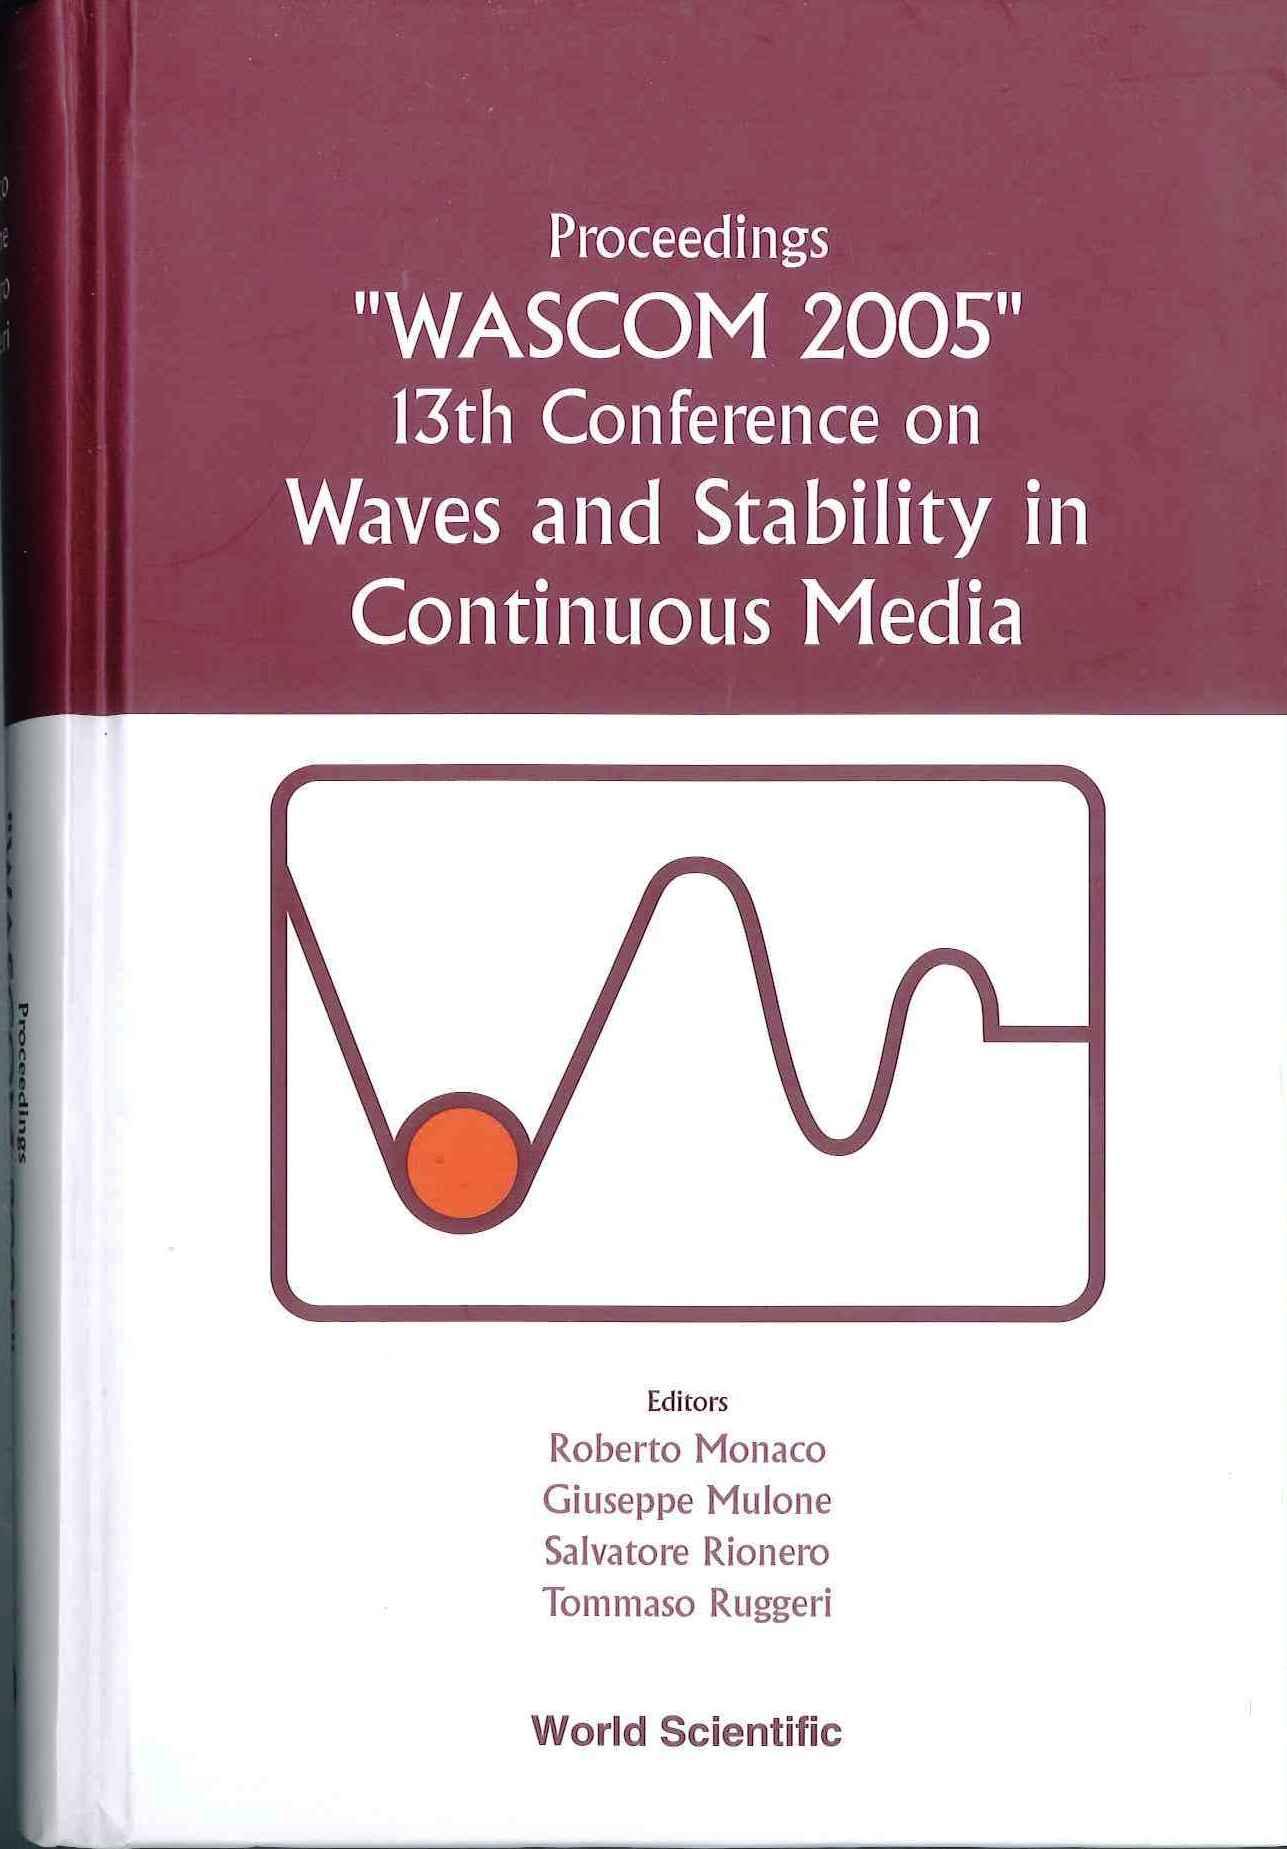 wascom2005